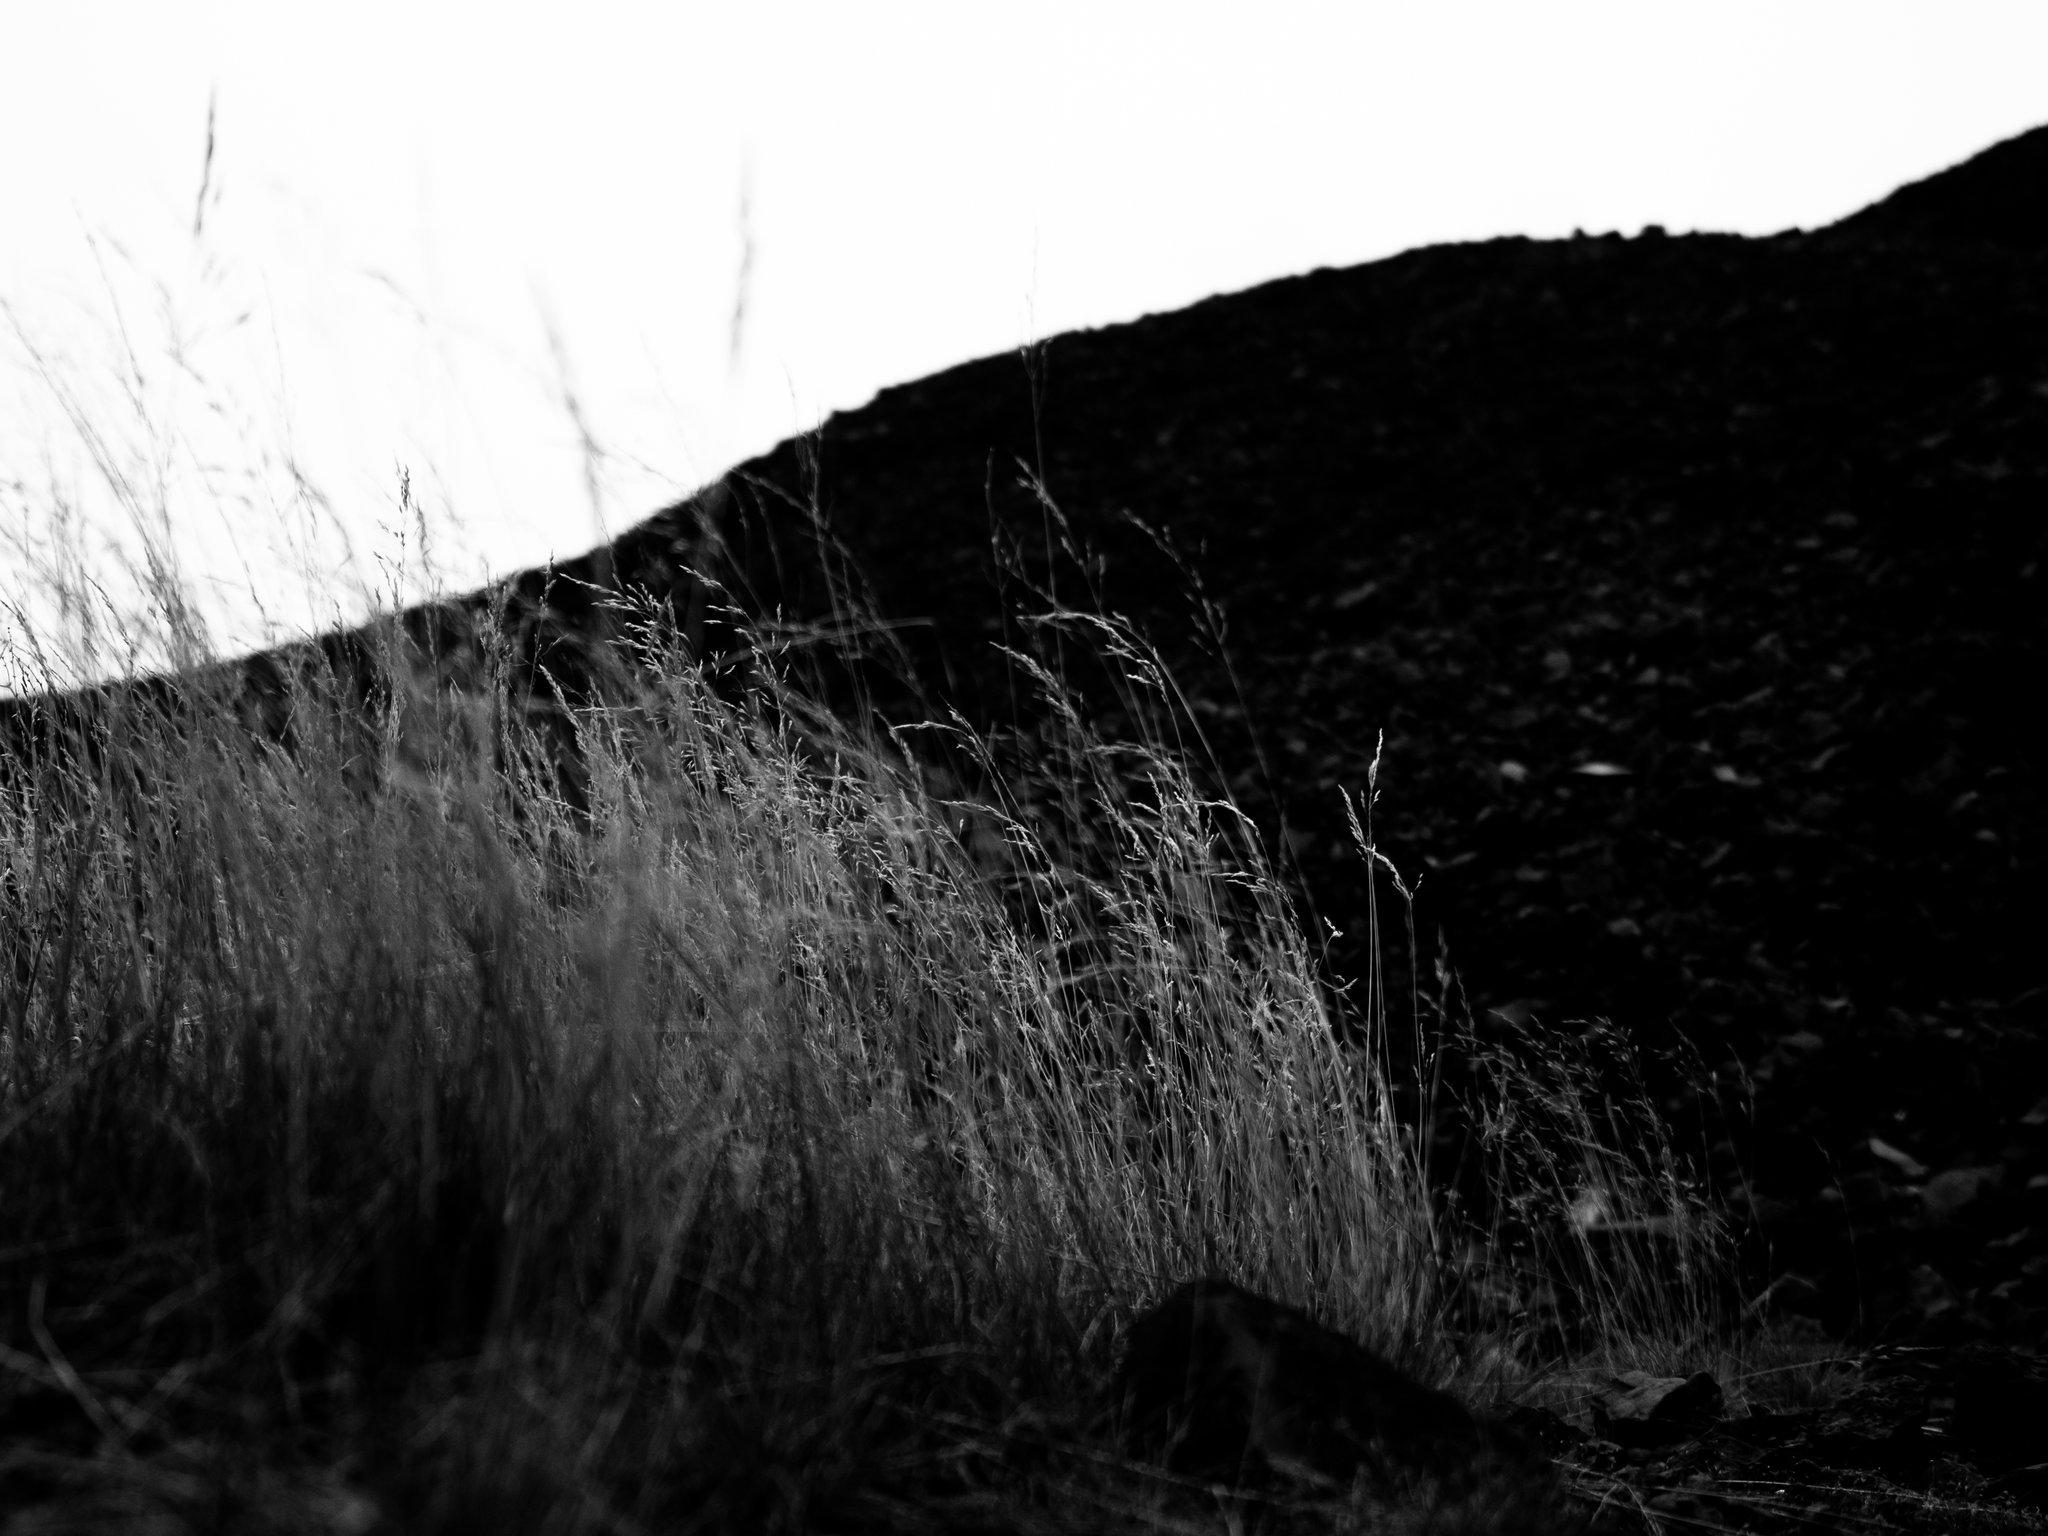 abstrakt-5.jpg